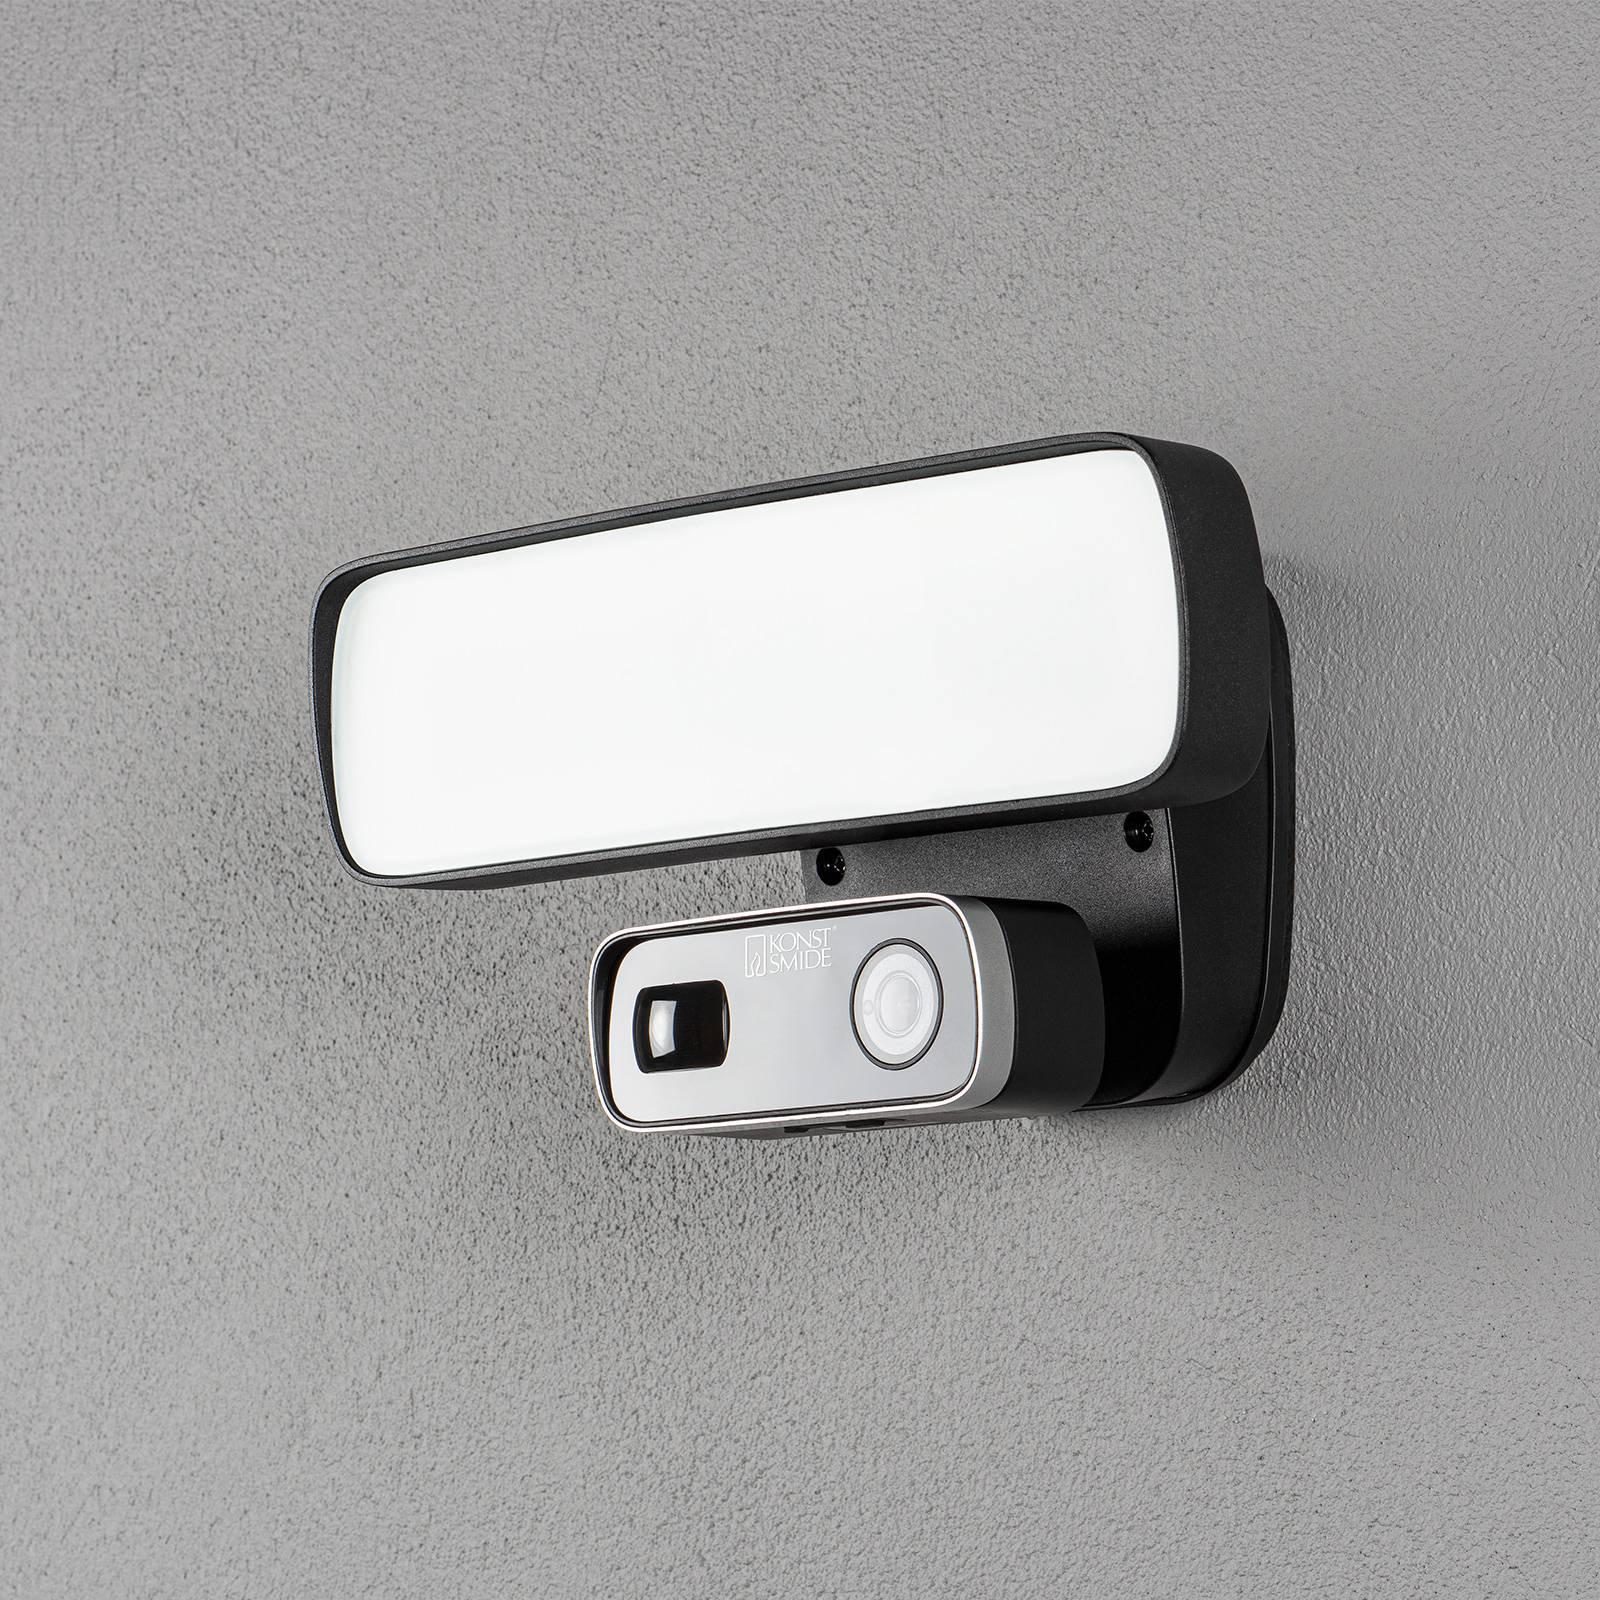 LED-kameralampe Smartlight 7868-750 WiFi 1 200lm